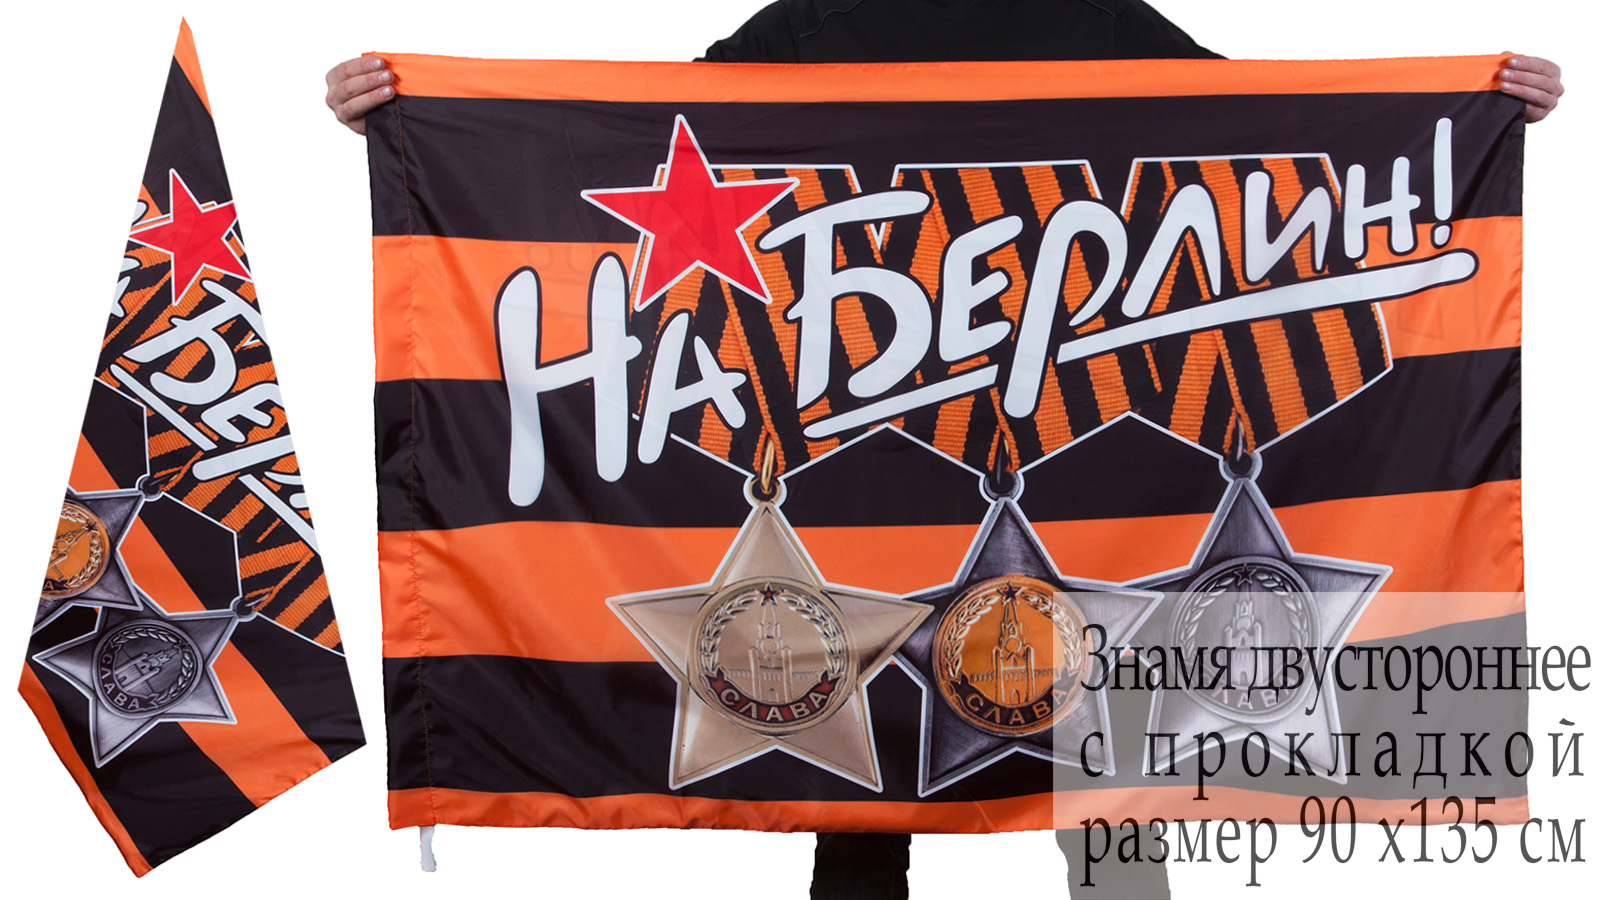 Знамя с орденами Славы | Купить праздничные флаги на 9 мая